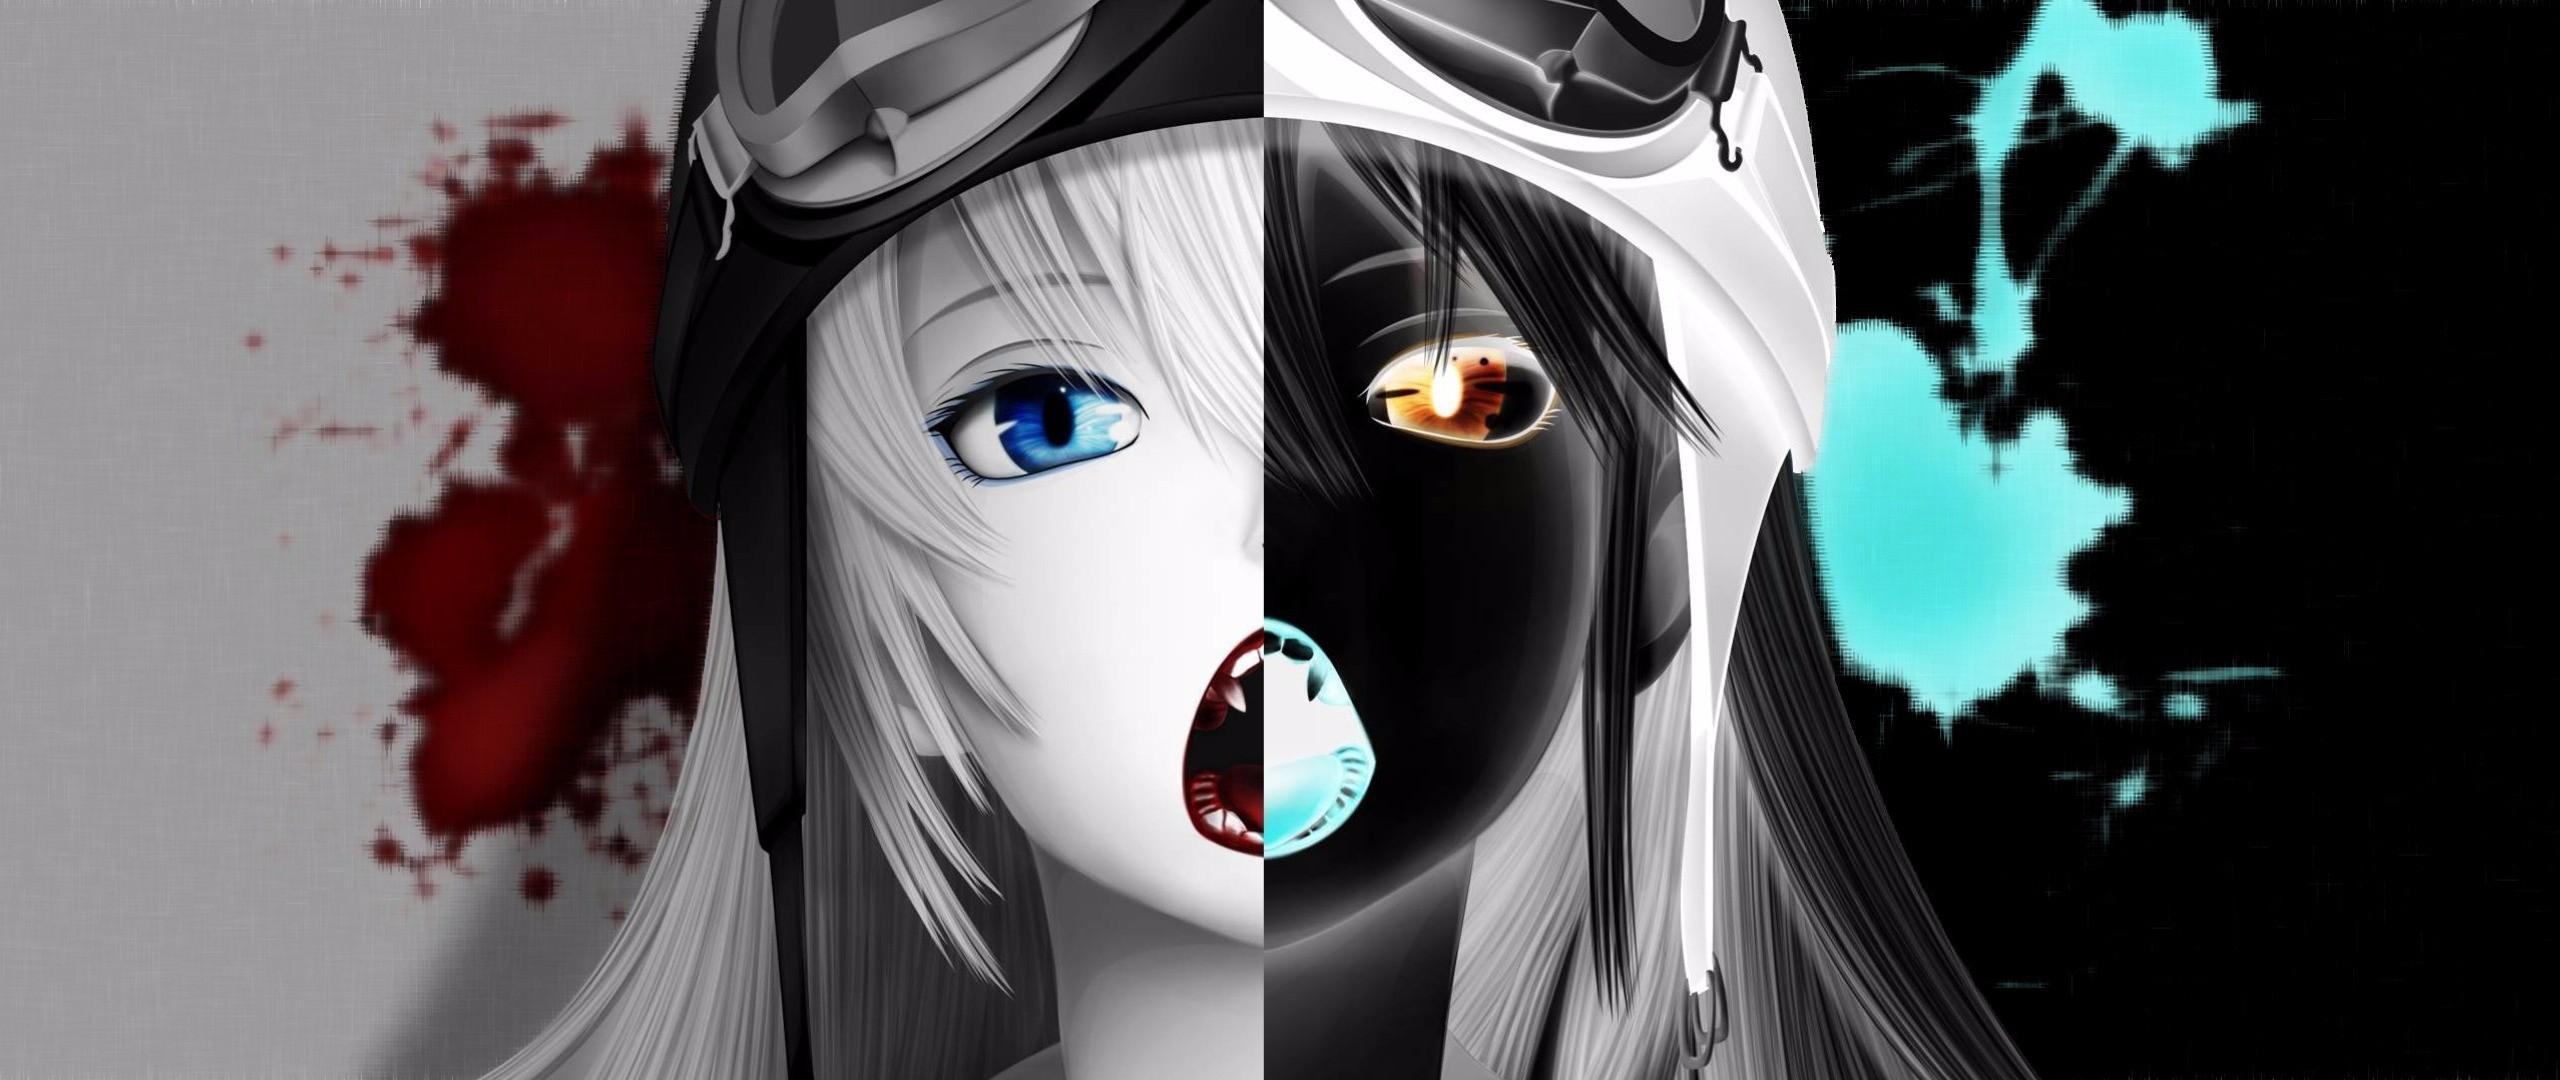 デスクトップ壁紙 図 モノクロ 物語シリーズ アニメの女の子